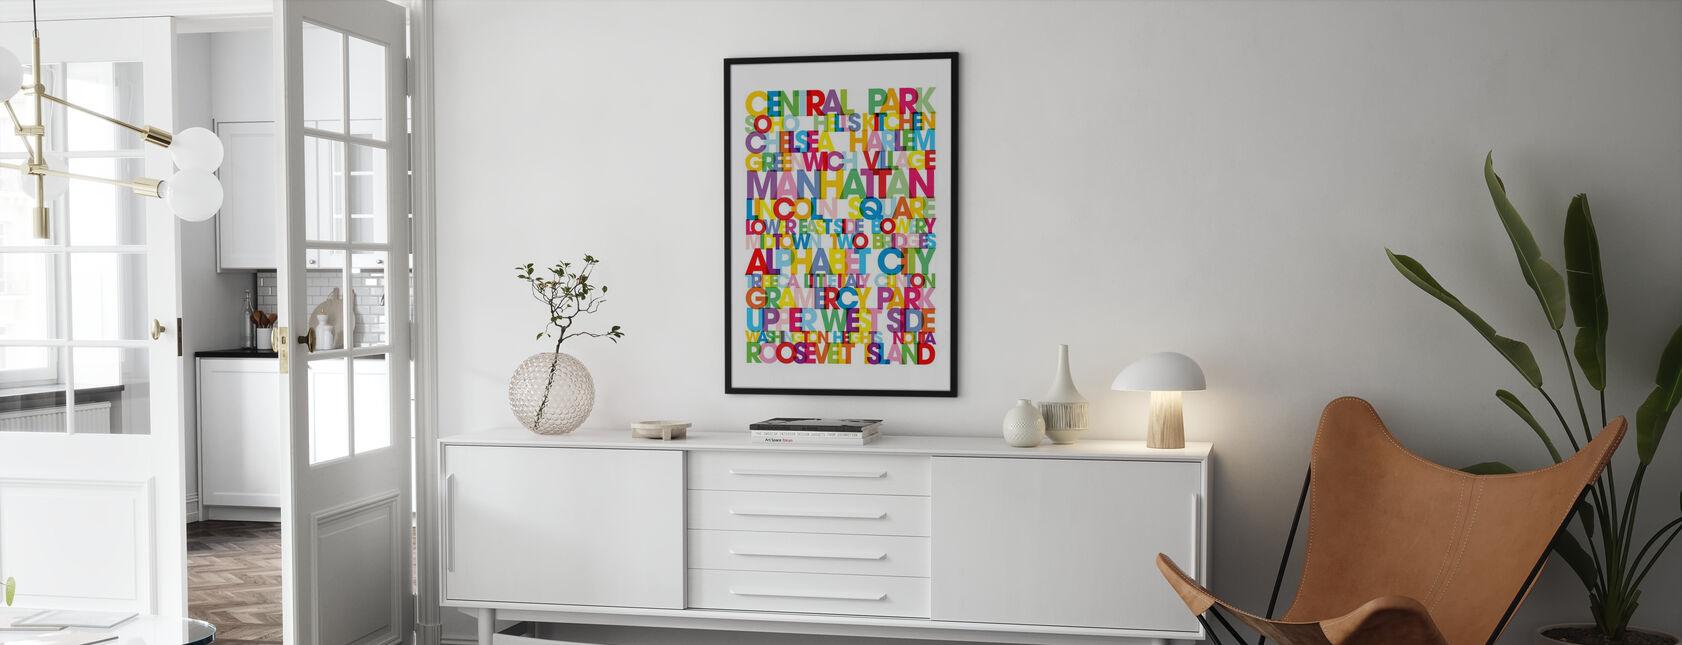 Manhattan Boroughs Bus Blind - Poster - Living Room